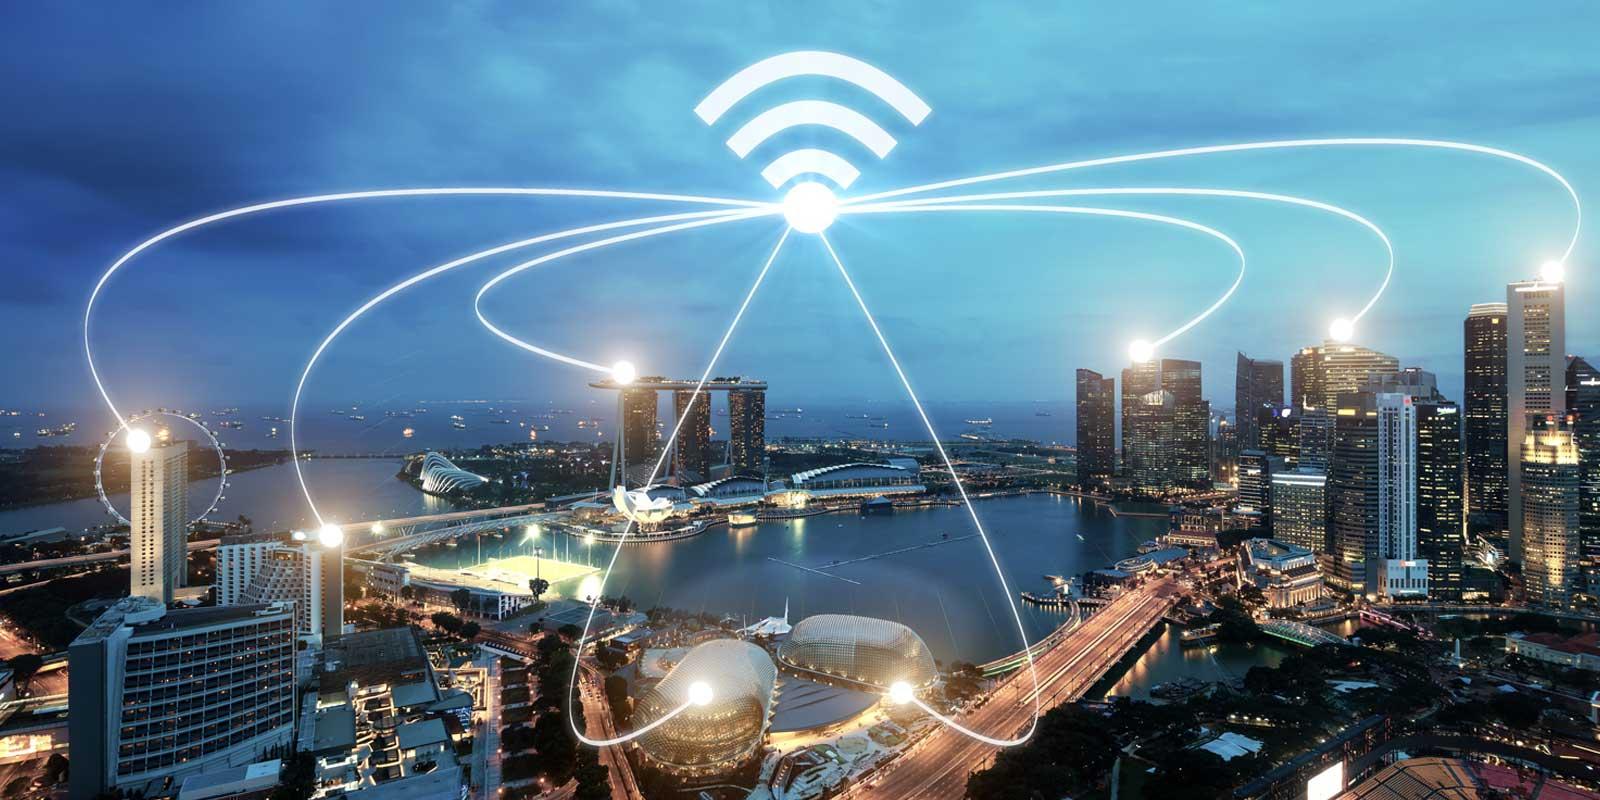 WiFi Diện Rộng - Kết nối Mọi Lúc Mọi Nơi